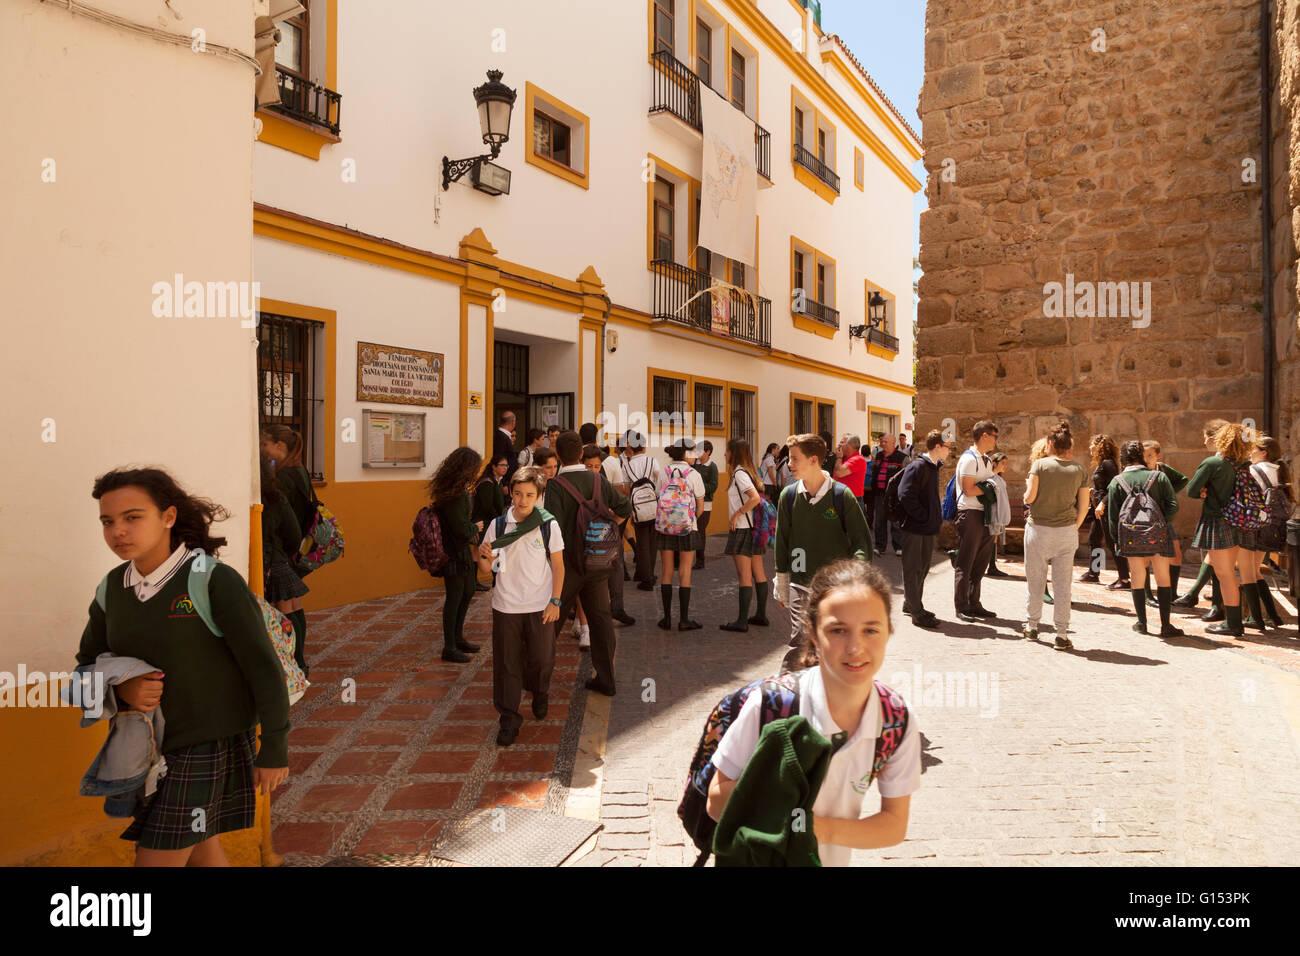 Spanische Schulmädchen in Marbella, Spanien verlassen Schule, Marbella, Andalusien, Spanien Europa Stockbild